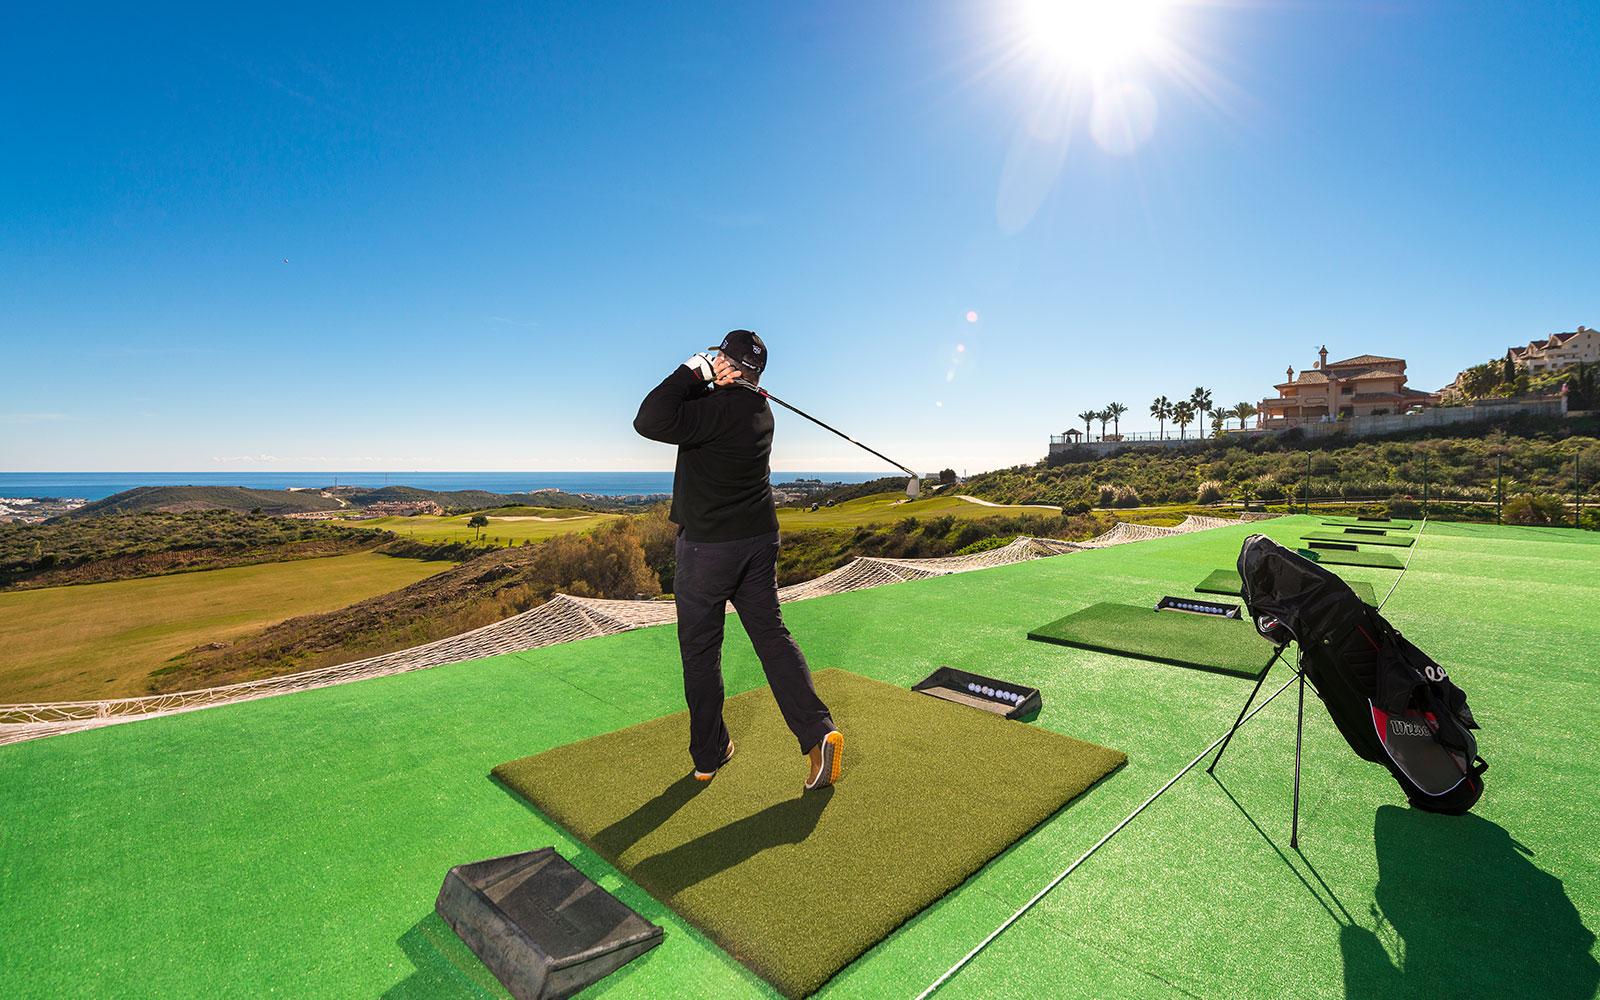 calanova golf club valle del golf la cala de mijas. Black Bedroom Furniture Sets. Home Design Ideas